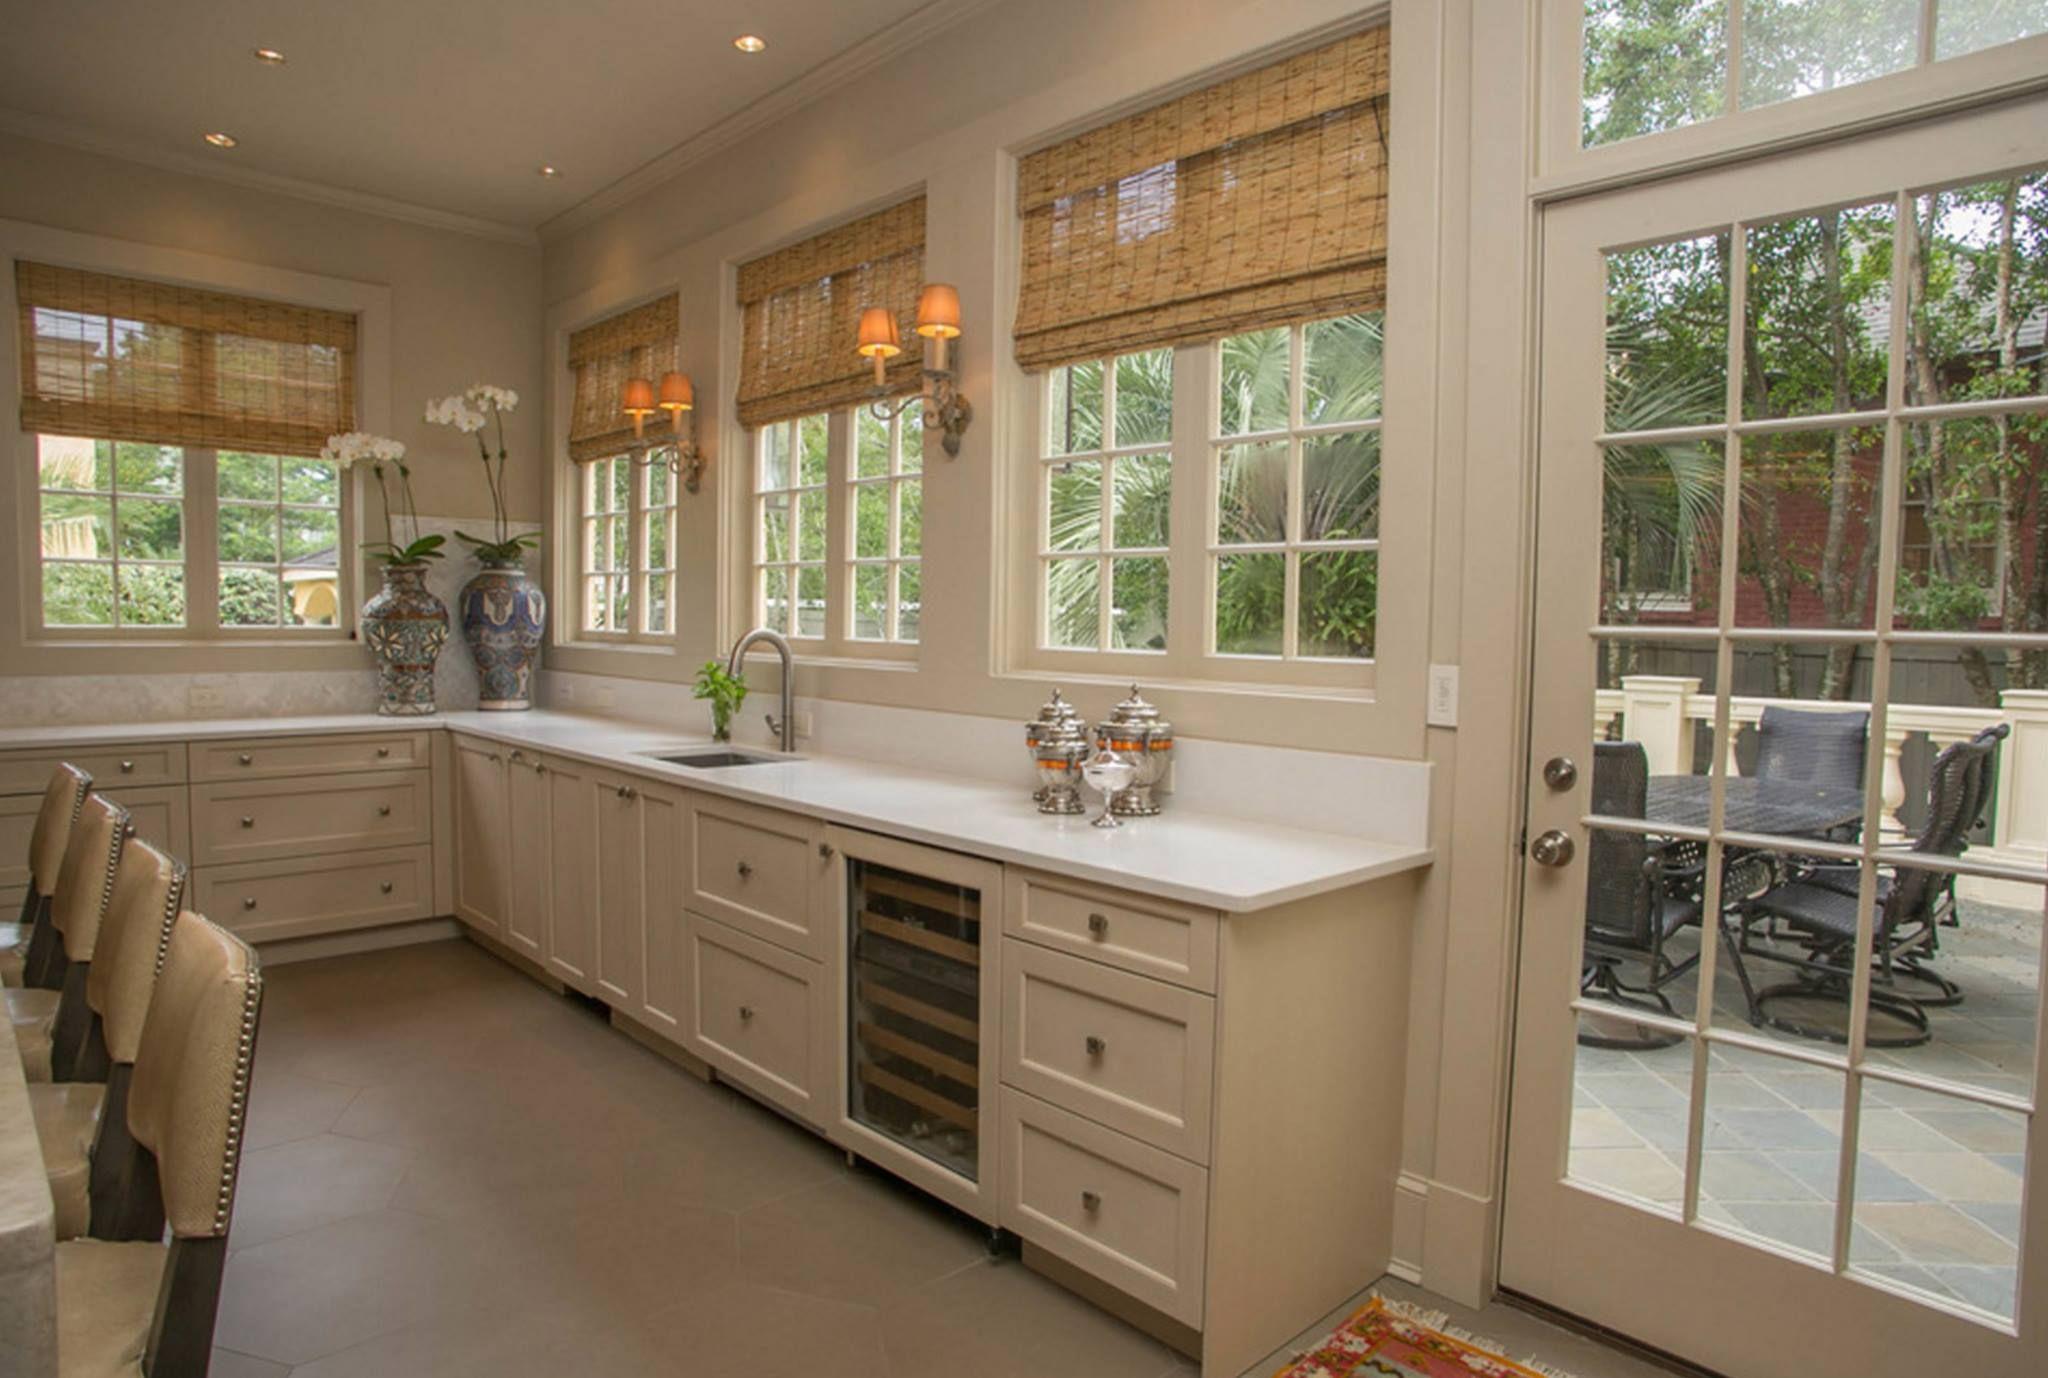 Wood Mode Wood Mode Cabinet Design Kitchen Remodel